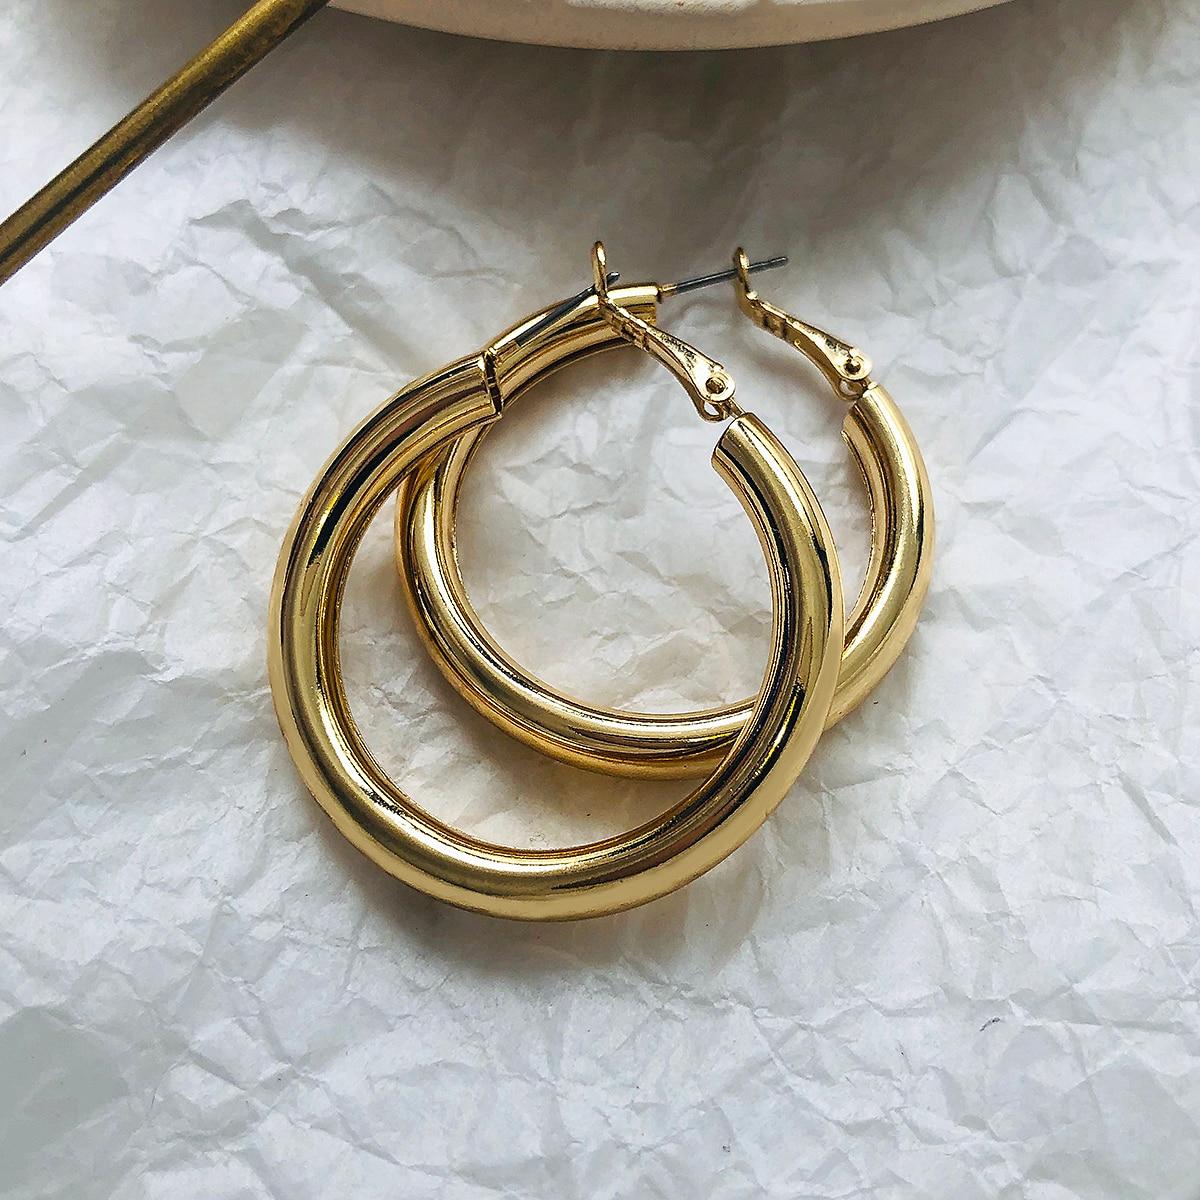 Женские серьги-кольца AENSOA, большие серьги золотого цвета с широким металлическим круглым кольцом, Винтажные Ювелирные изделия в подарок